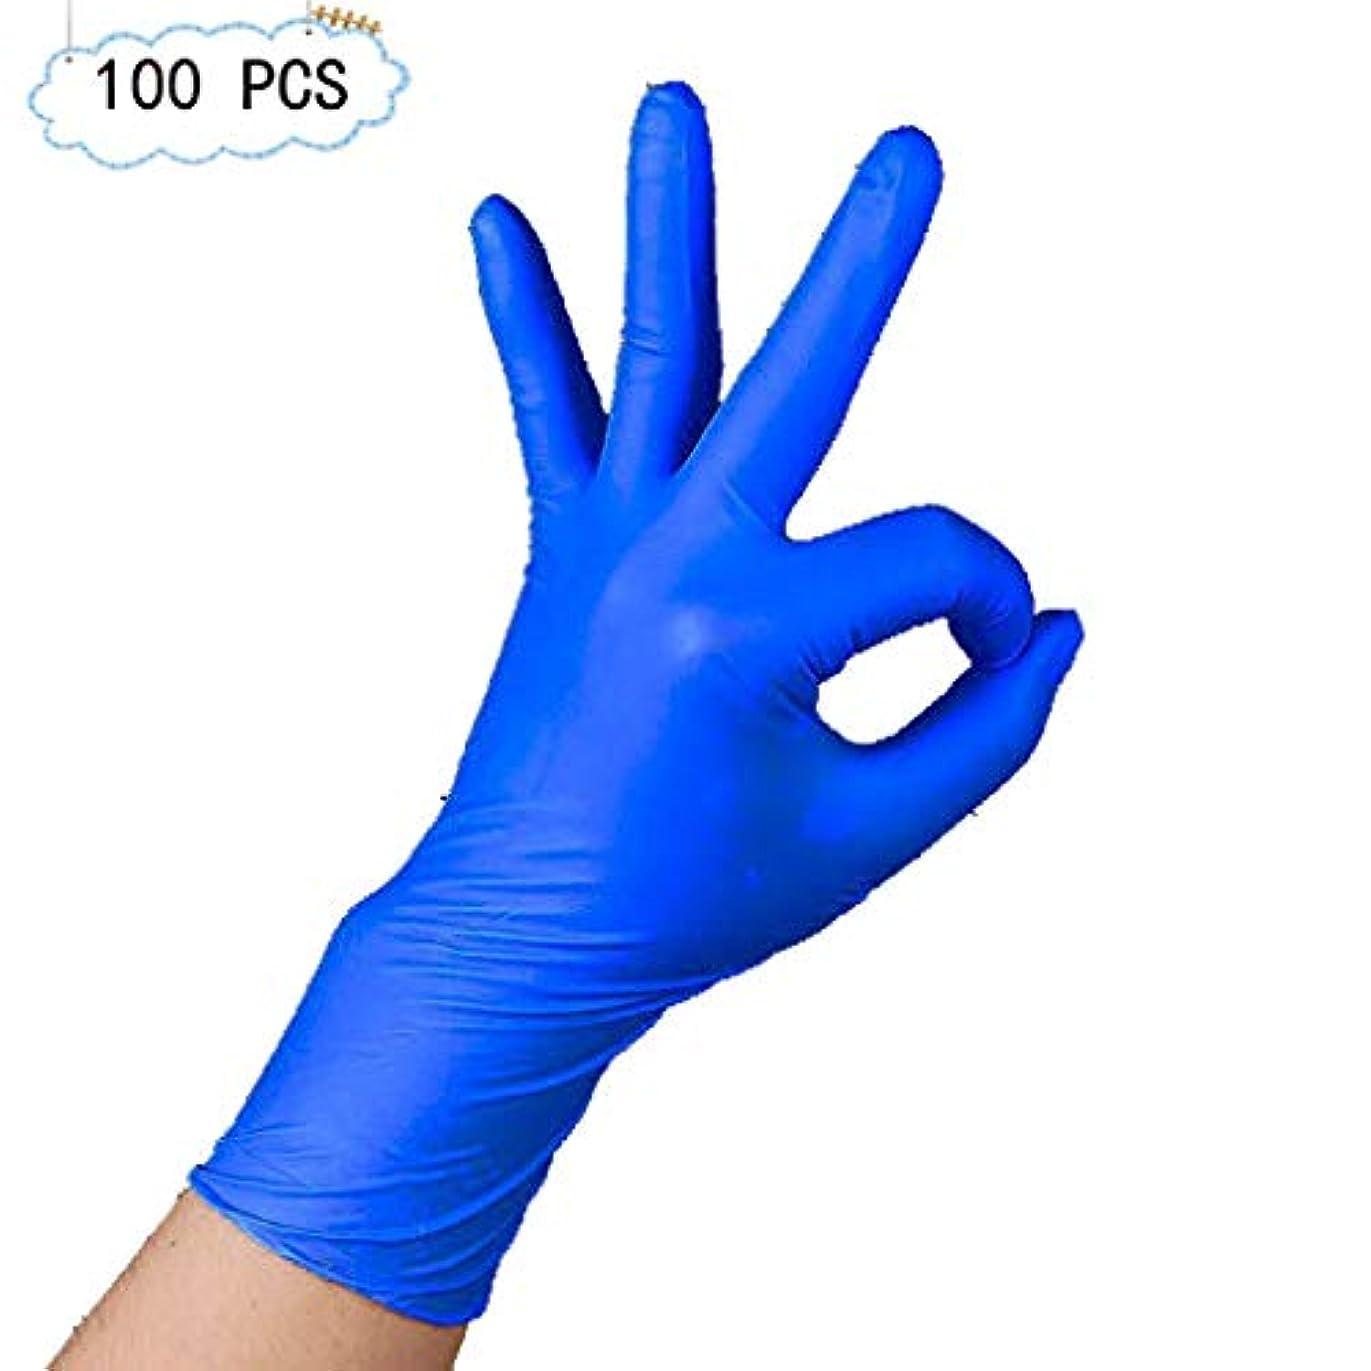 時制植木血色の良いニトリル手袋、フルヘンプ増粘、滑り止め使い捨て手袋ペットケアネイルアート検査保護実験、ビューティーサロンラテックスフリー、ダークブルーパウダーフリー、100個 (Size : M)